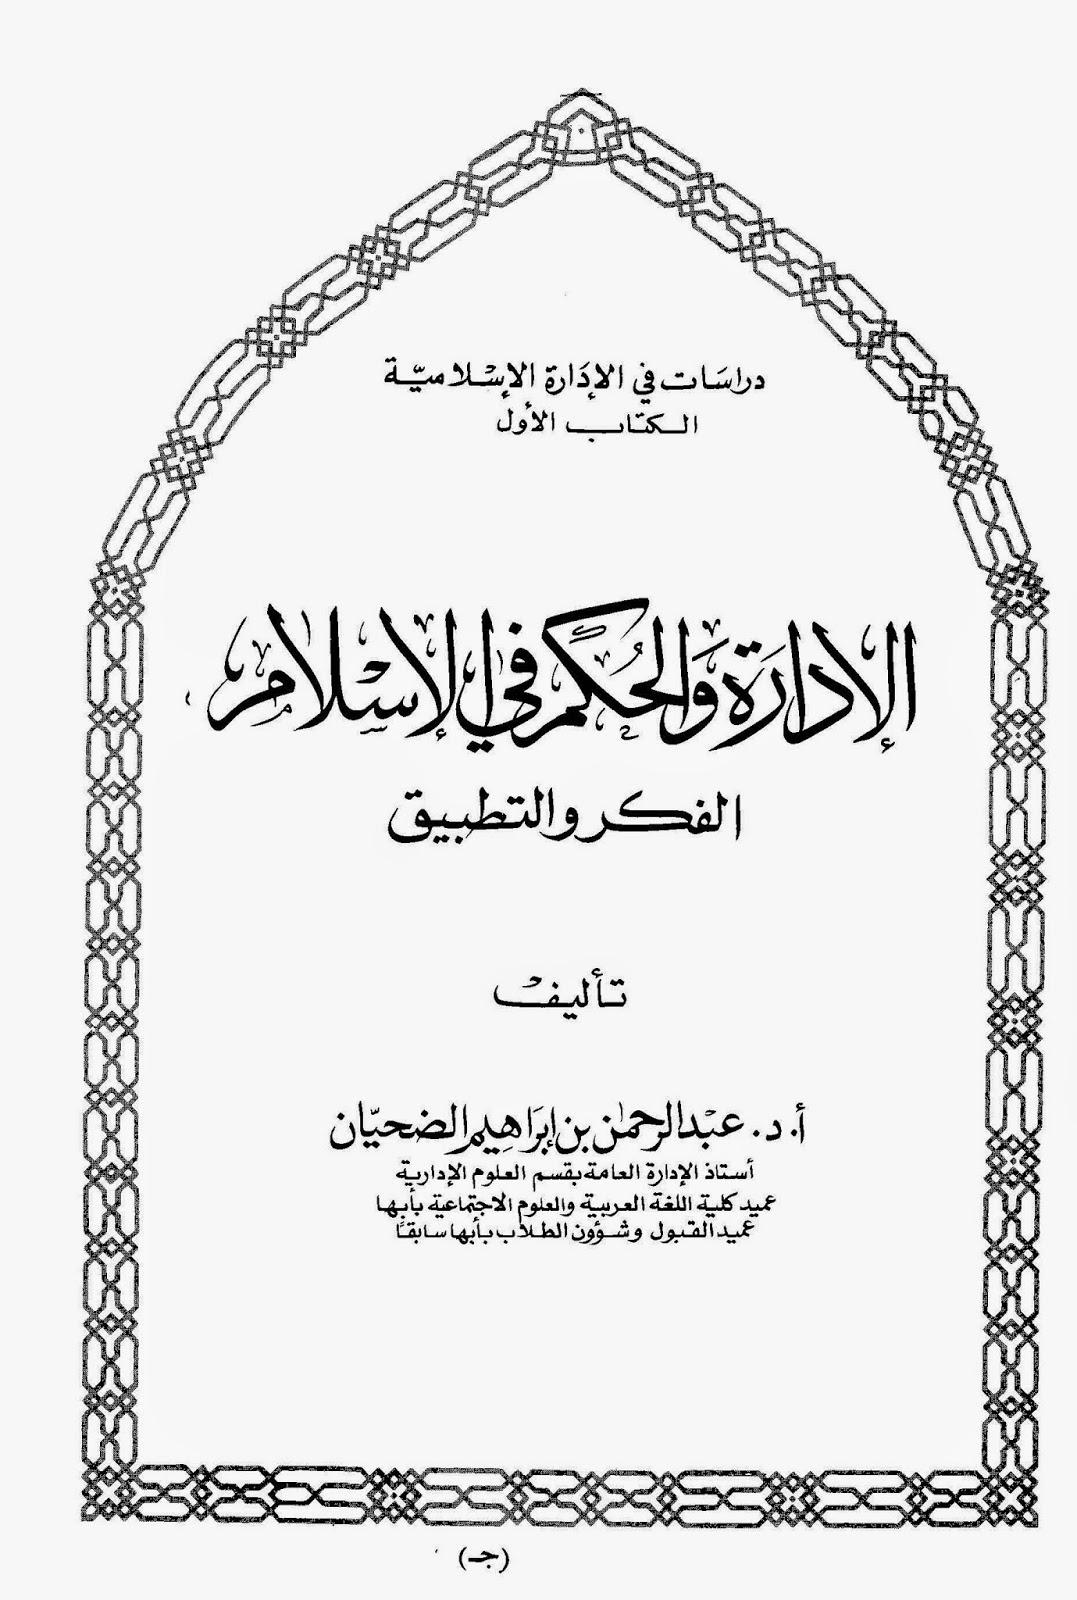 الإدارة والحكم في الإسلام - عبد الرحمن الضحيان